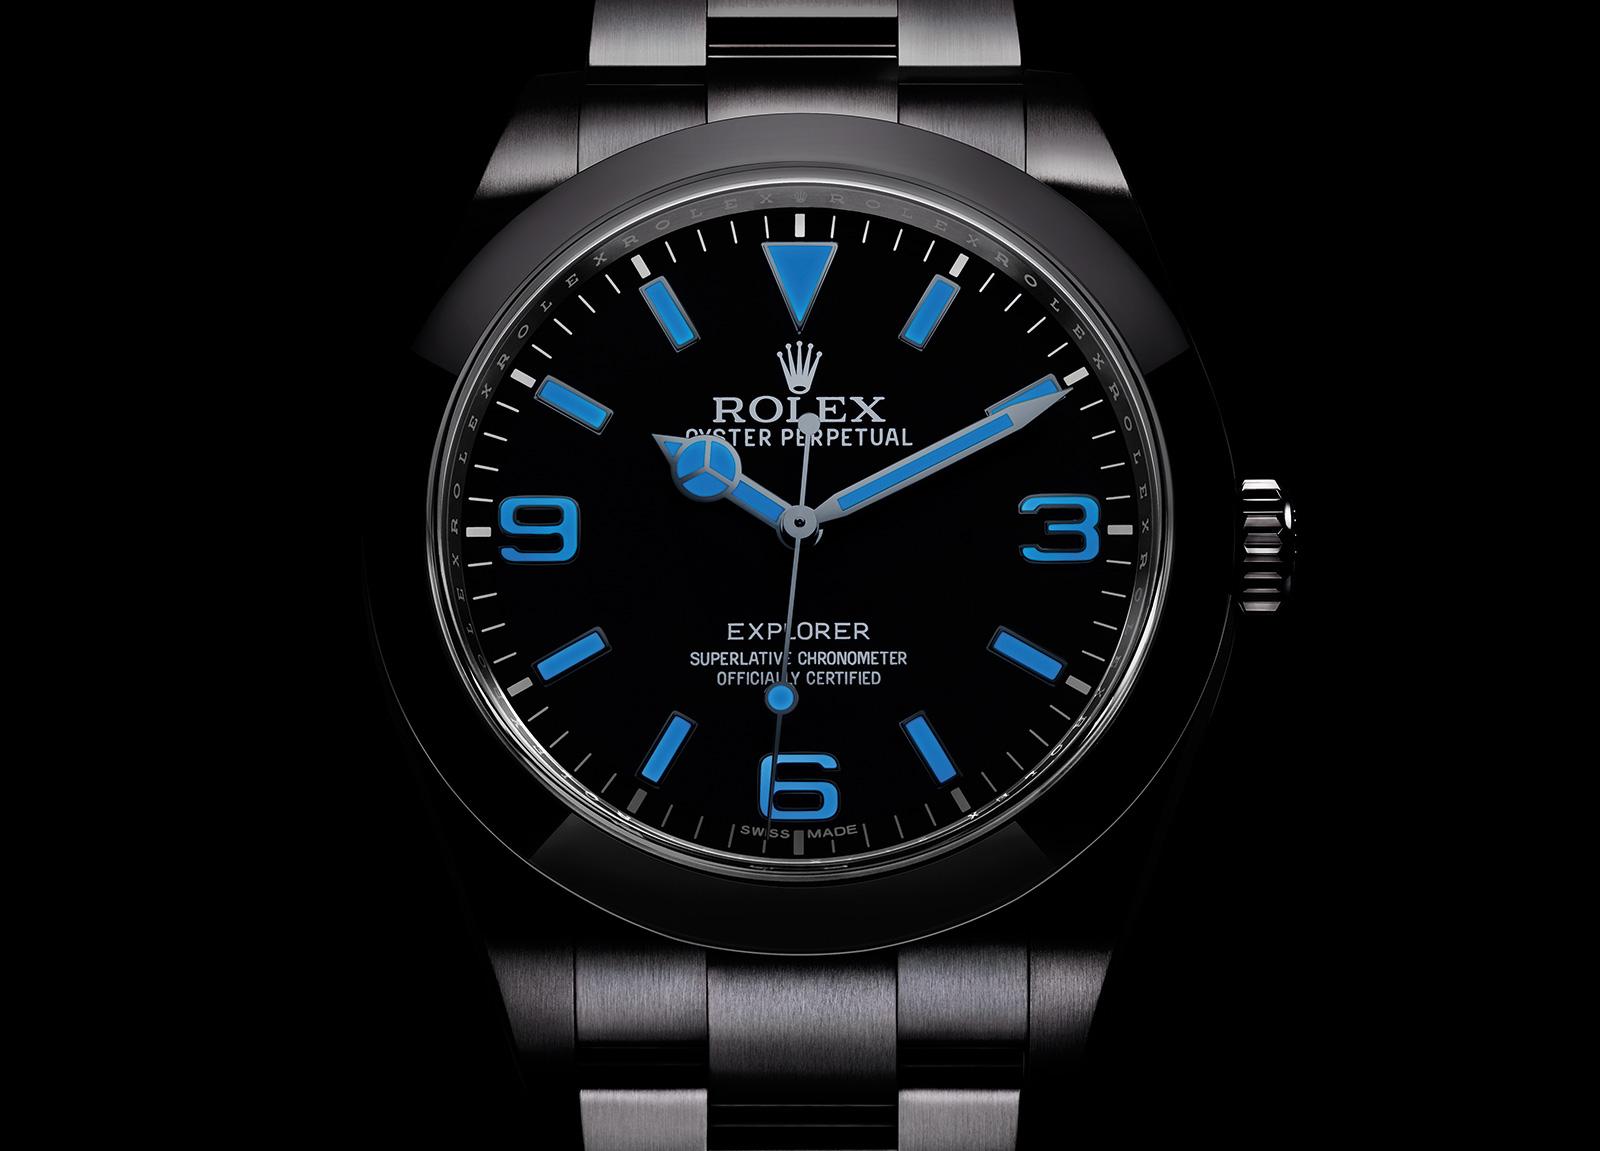 Rolex Explorer ref. 214270 - 2